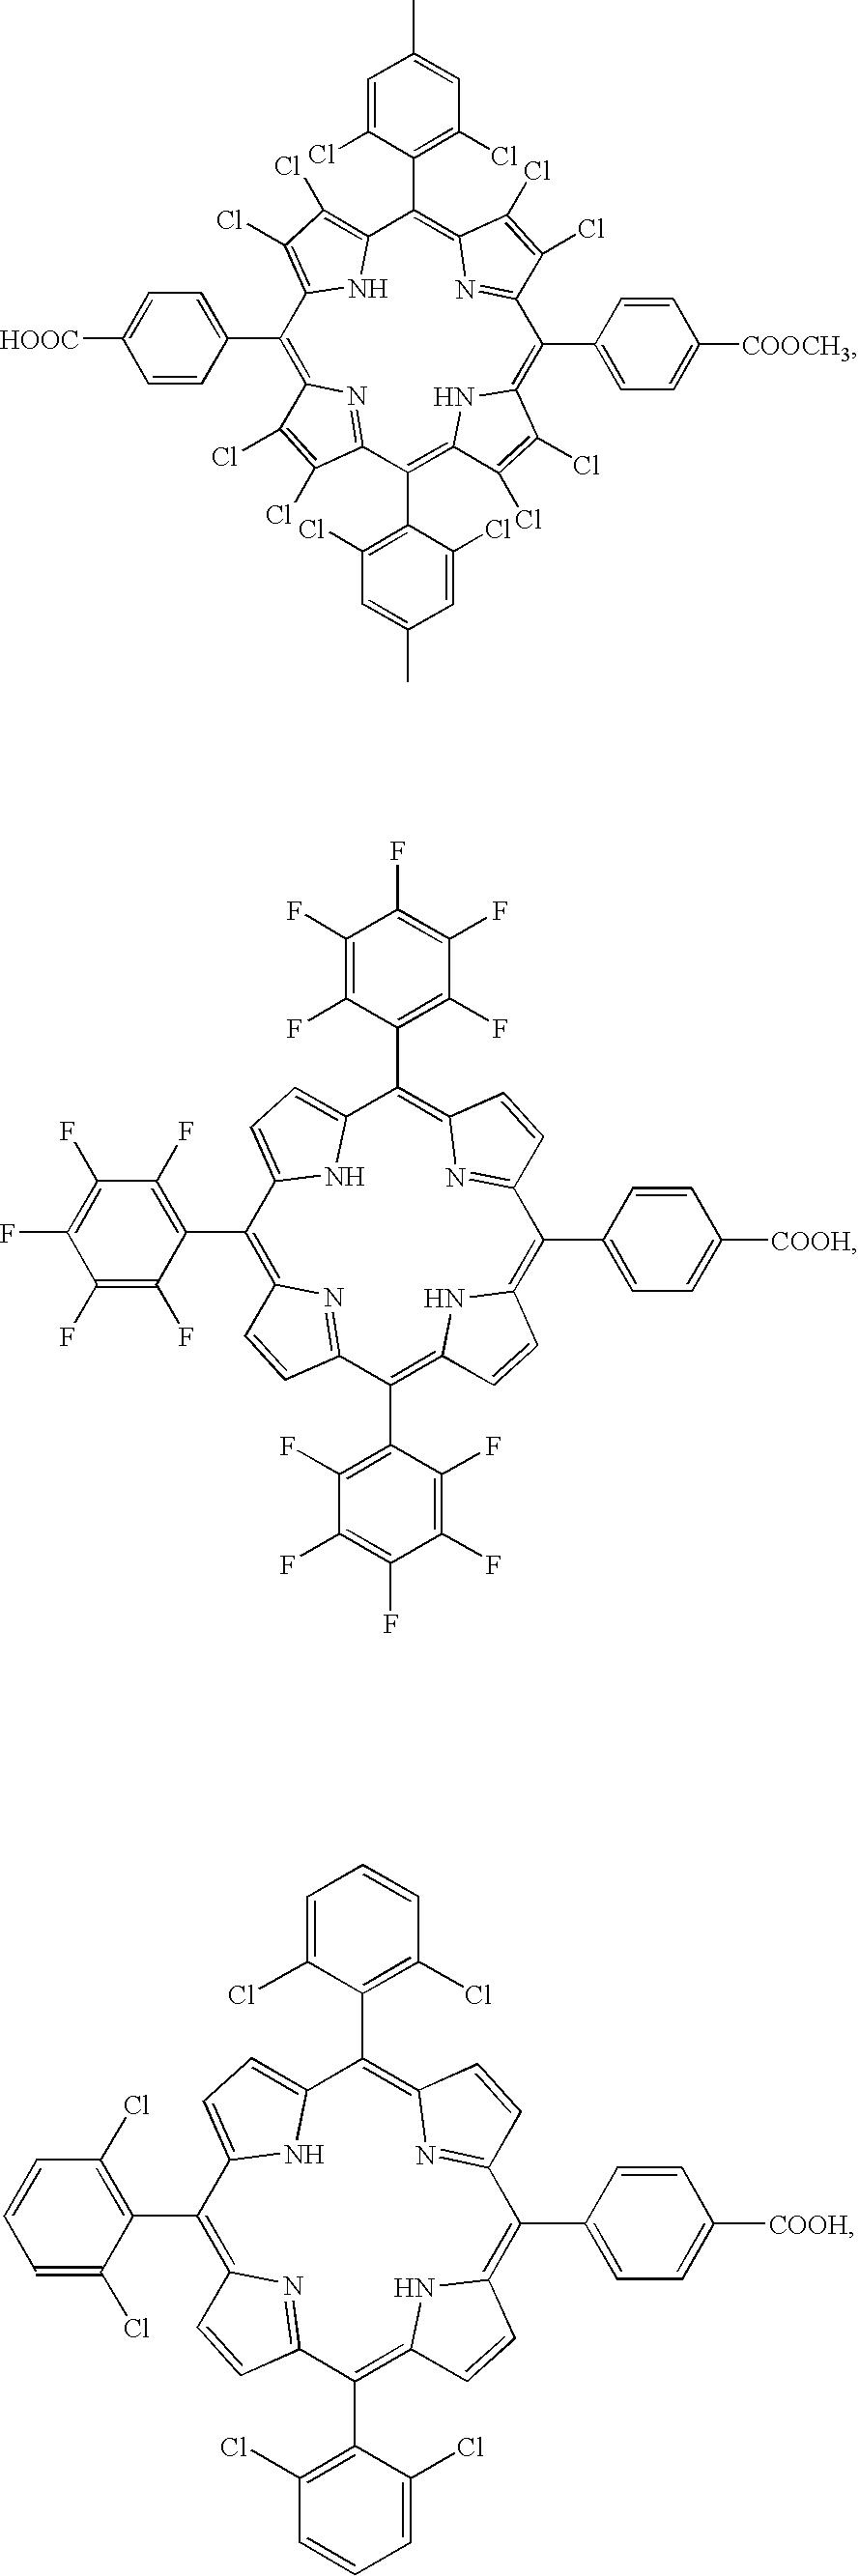 Figure US20100133110A1-20100603-C00003